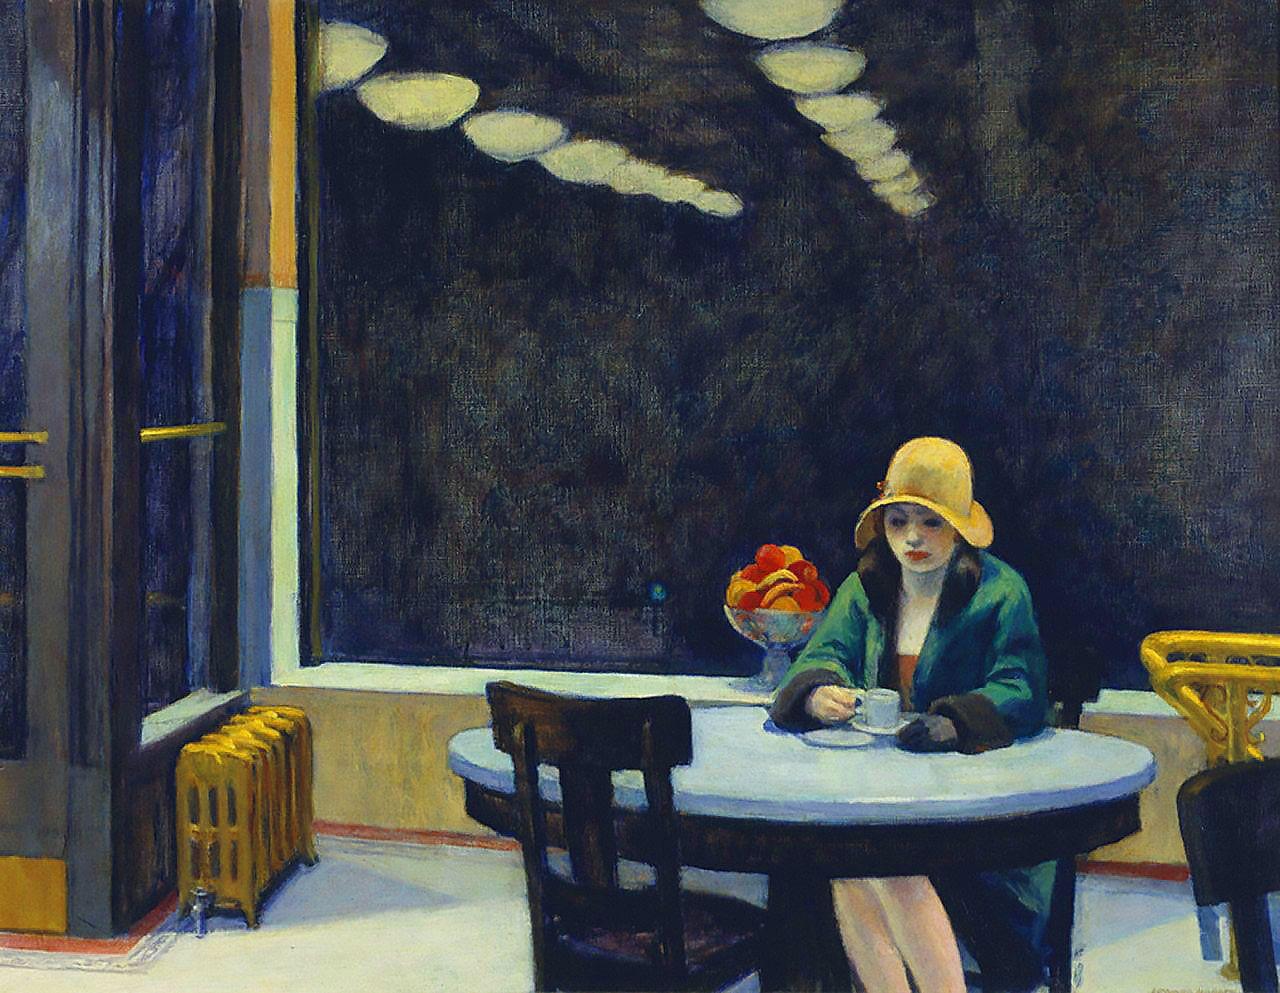 """Edward Hopper - """"Automat"""" (1927, óleo sobre lienzo, 71 x 89 cm, Des Moines Art Center, Des Moines)Casi treinta años después de que Picasso pintase a esa mujer tan triste bebiendo absenta en un bar (http://goo.gl/T4zGIP), Edward Hopper vuelve a abordar el tema, aunque de manera algo más light. La mujer de este cuadro no está dándole al tarro, como las que hemos visto a lo largo de estos días, sino tomándose un café. Aunque la verdad es que no importa demasiado ya que, en todas estas obras…"""